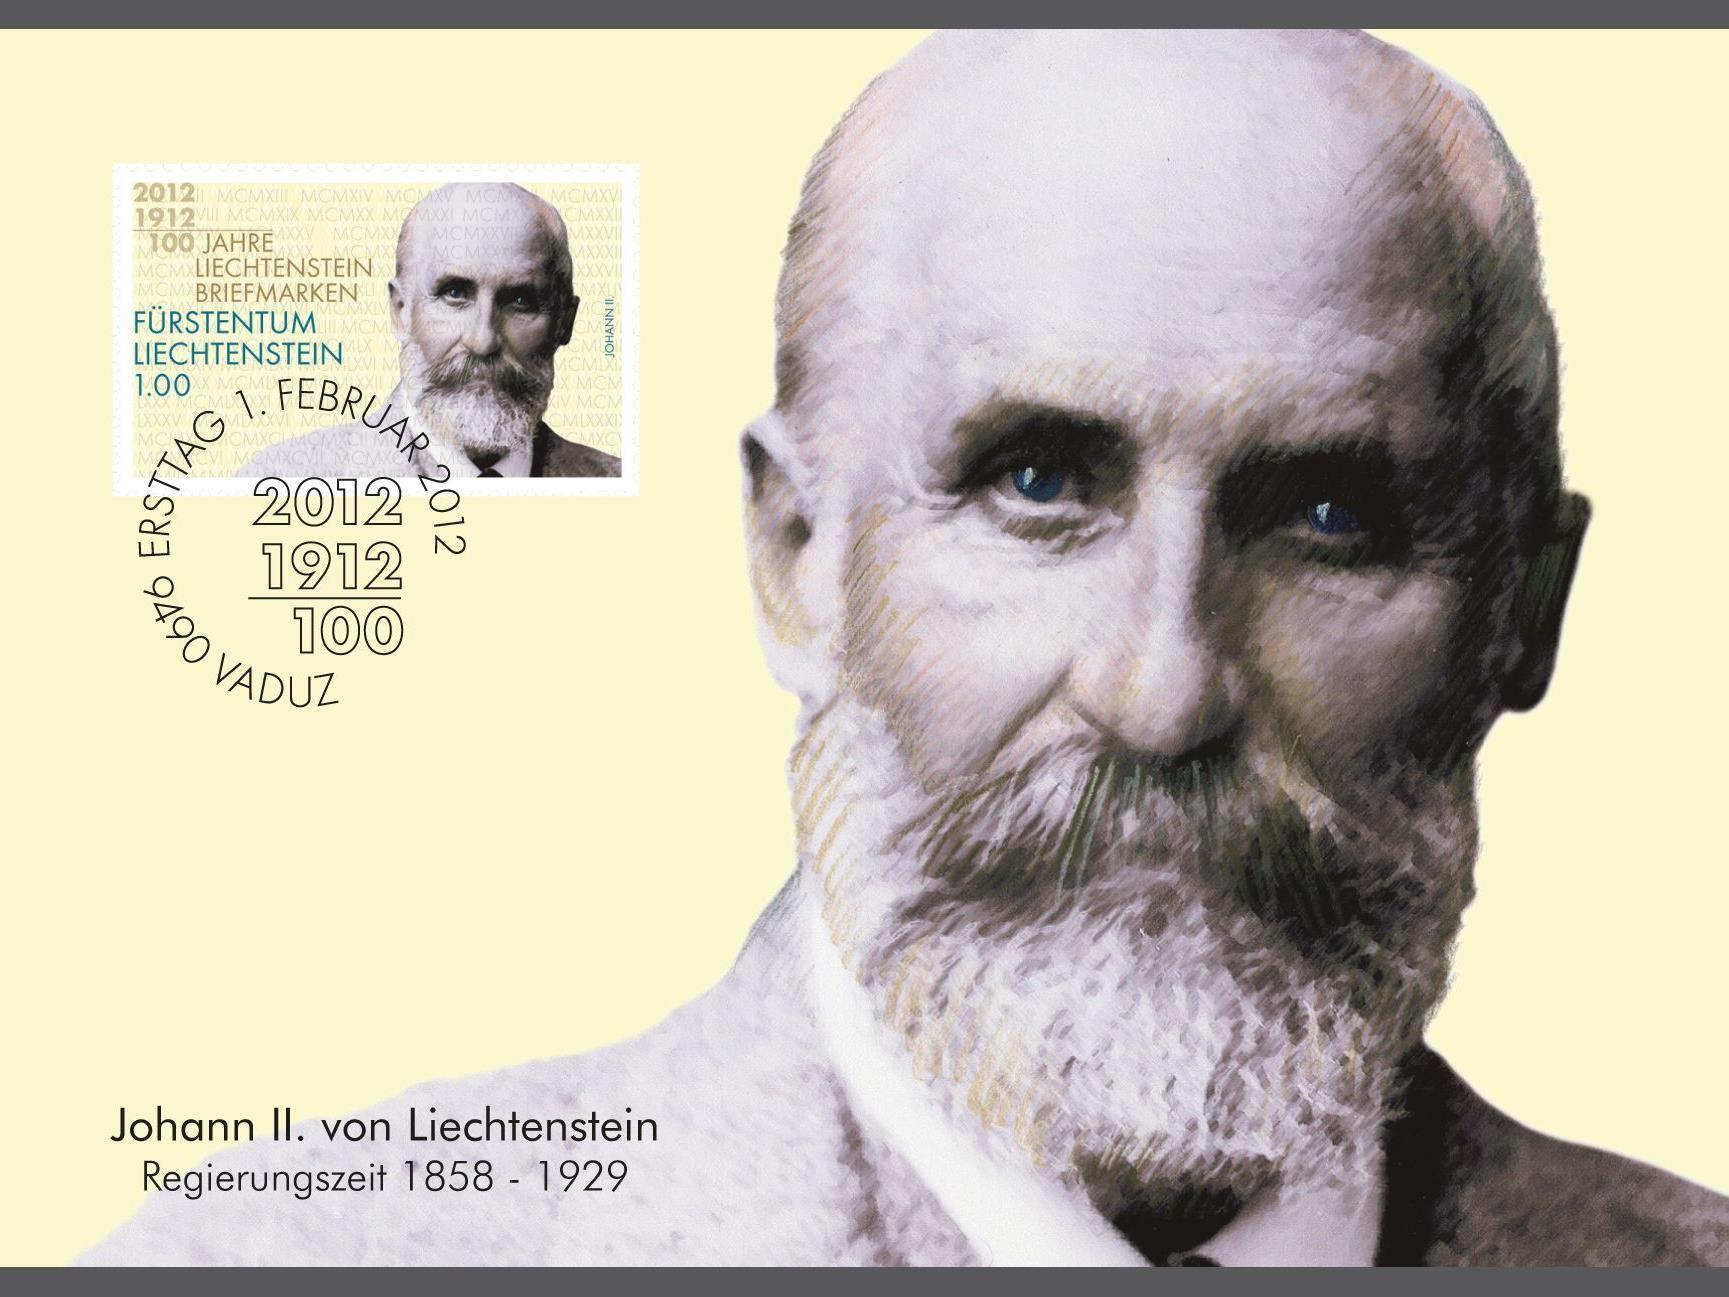 Fürst Johann II von und zu Liechtenstein ziert eine der vier Sondermarken zum Briefmarkenjubiläum